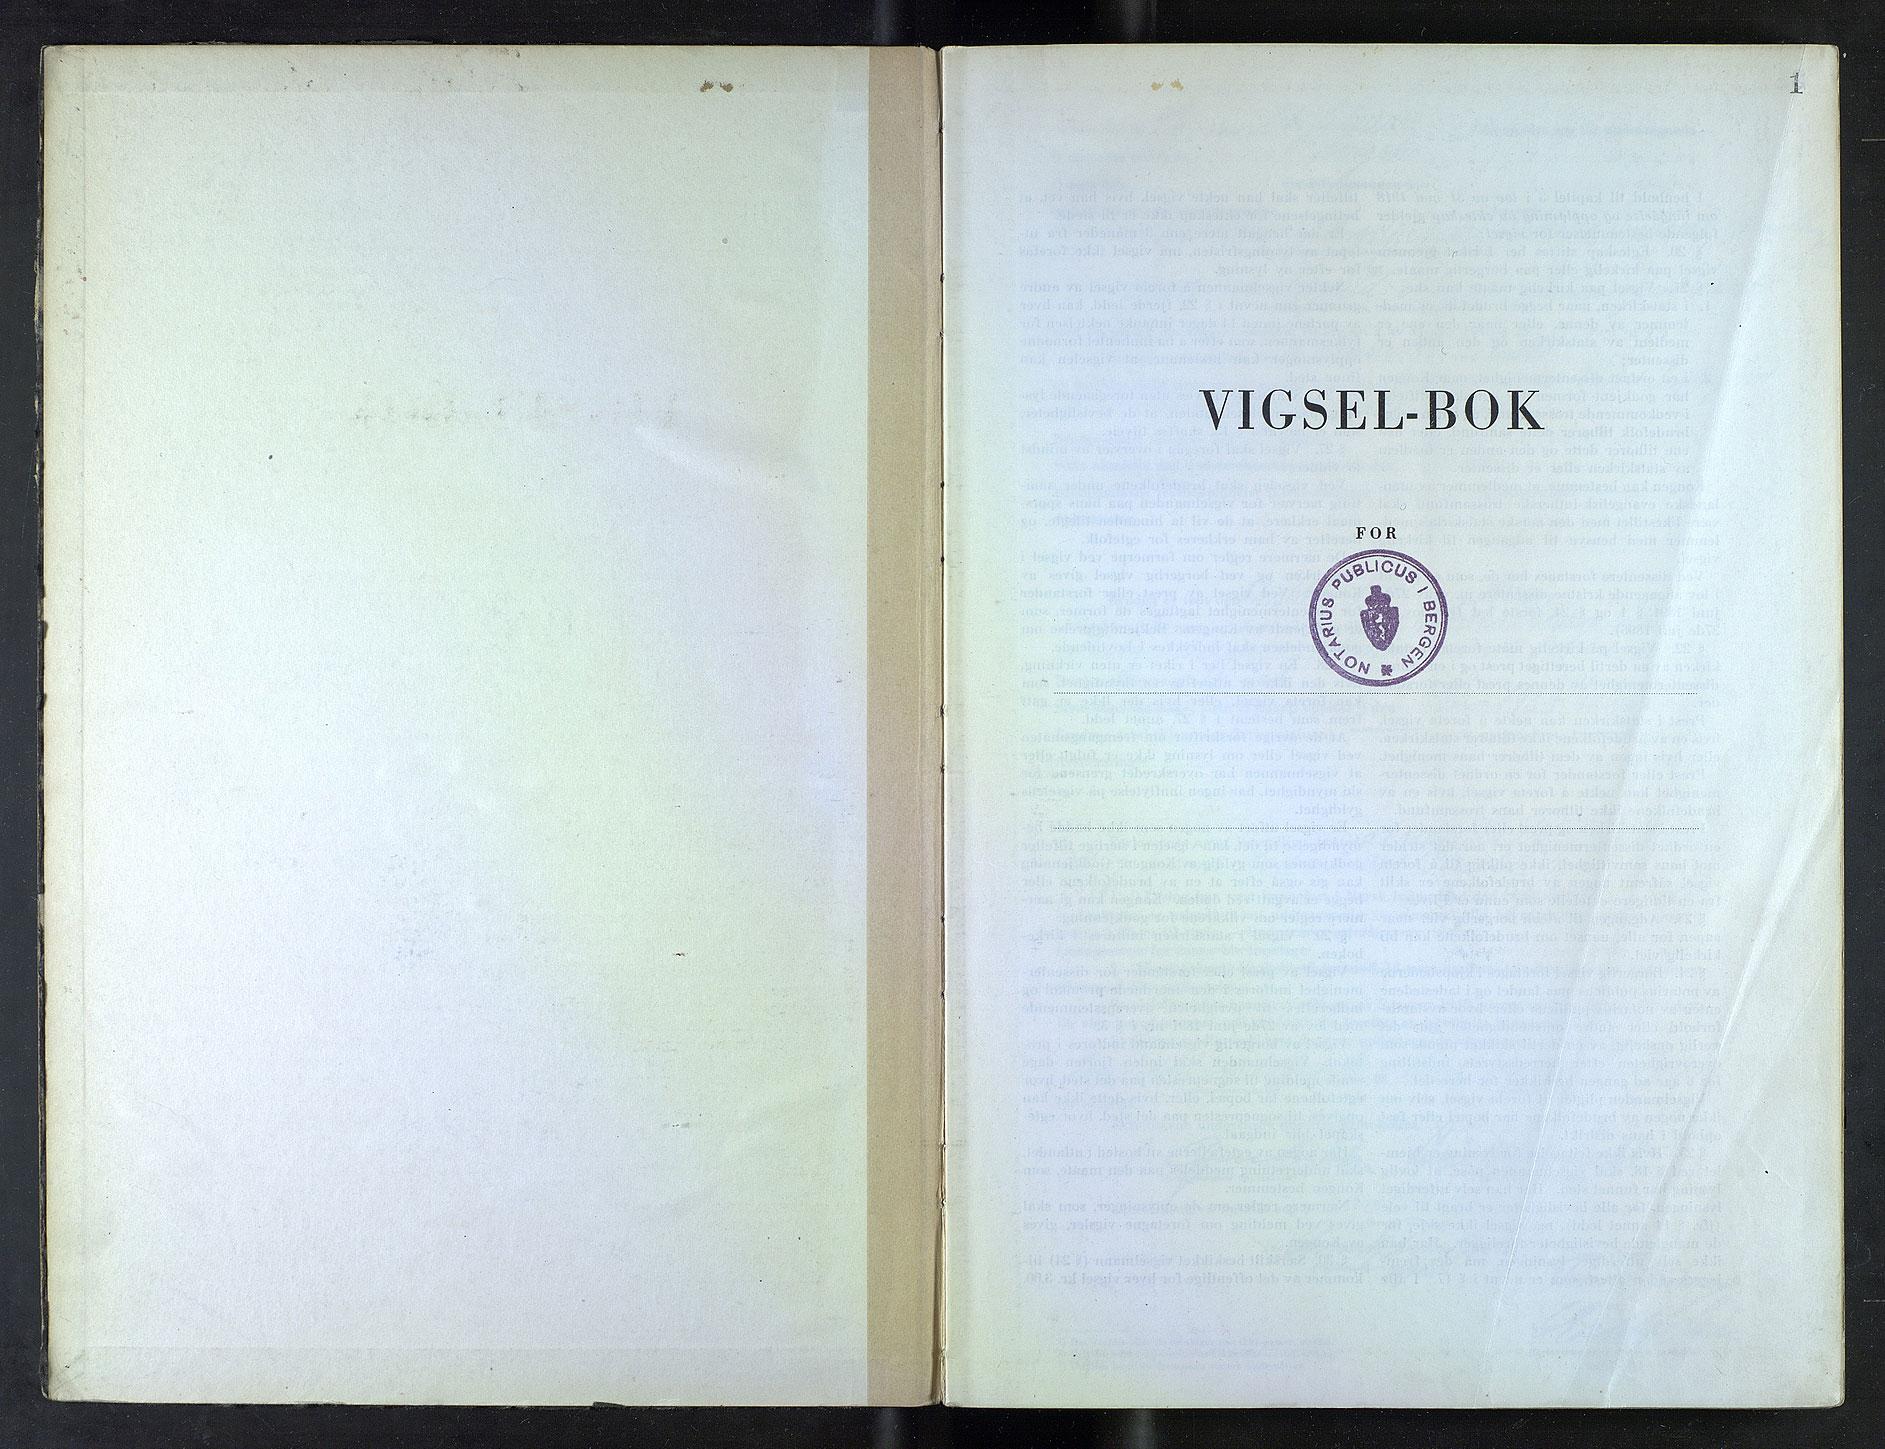 SAB, Bergen byfogd og byskriver*, 1948, s. 1